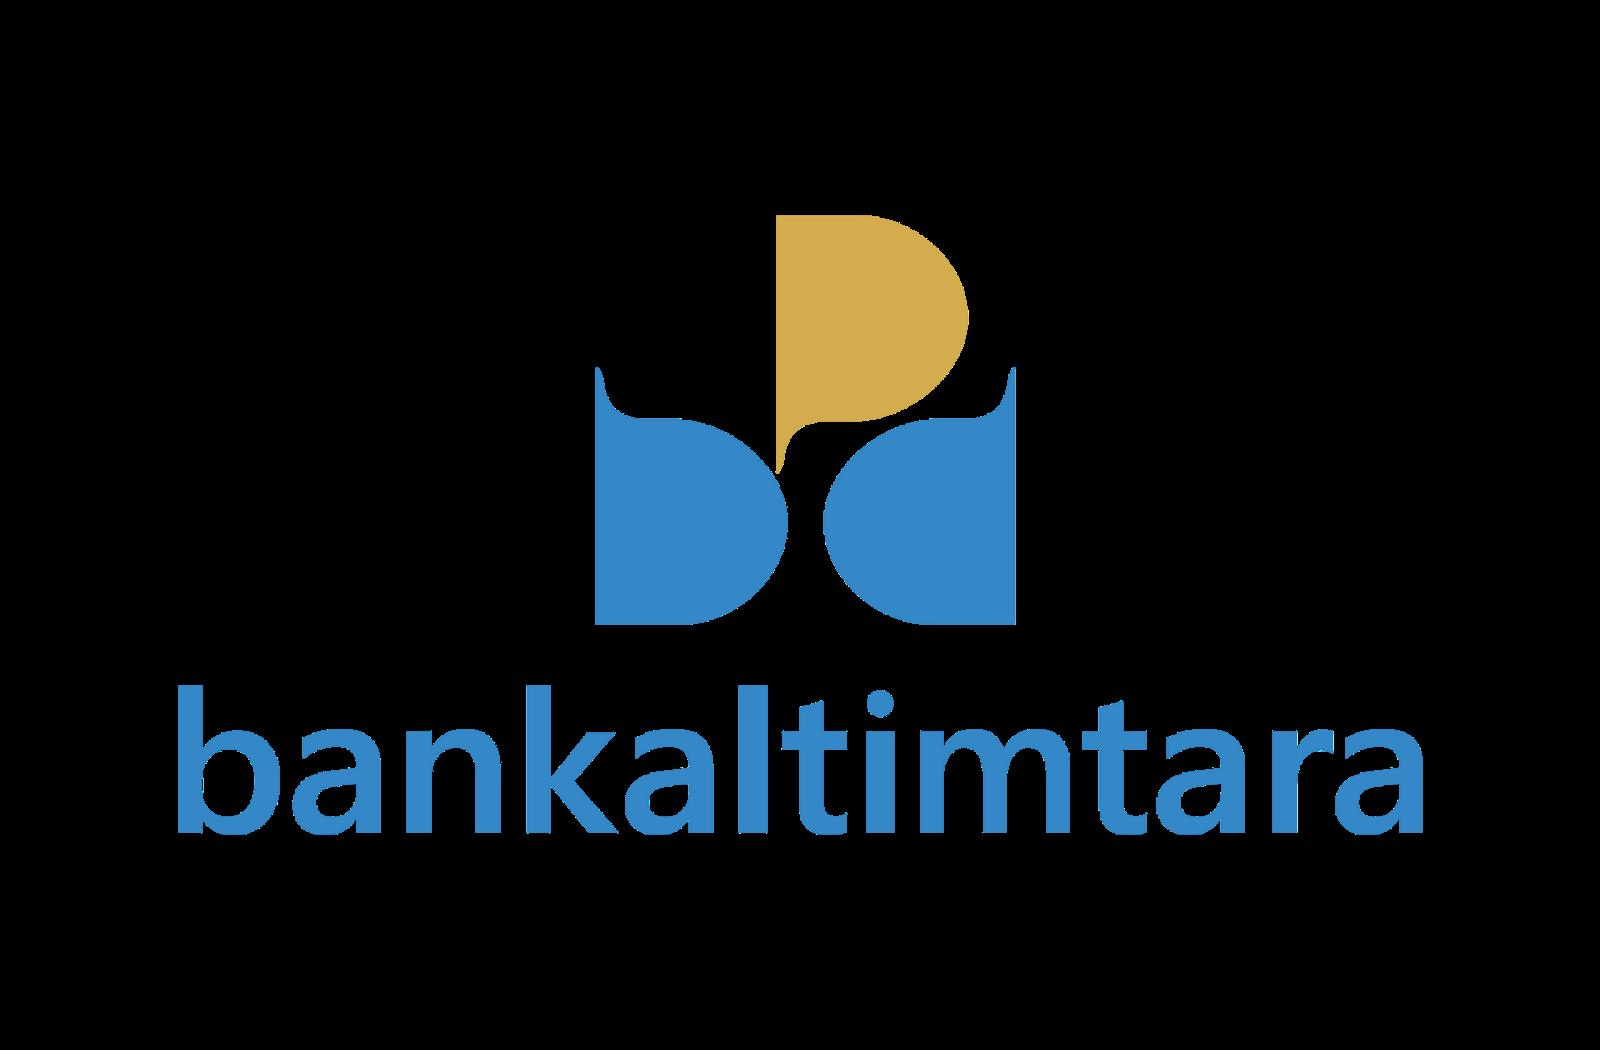 Logo Bankaltimtara Format PNG